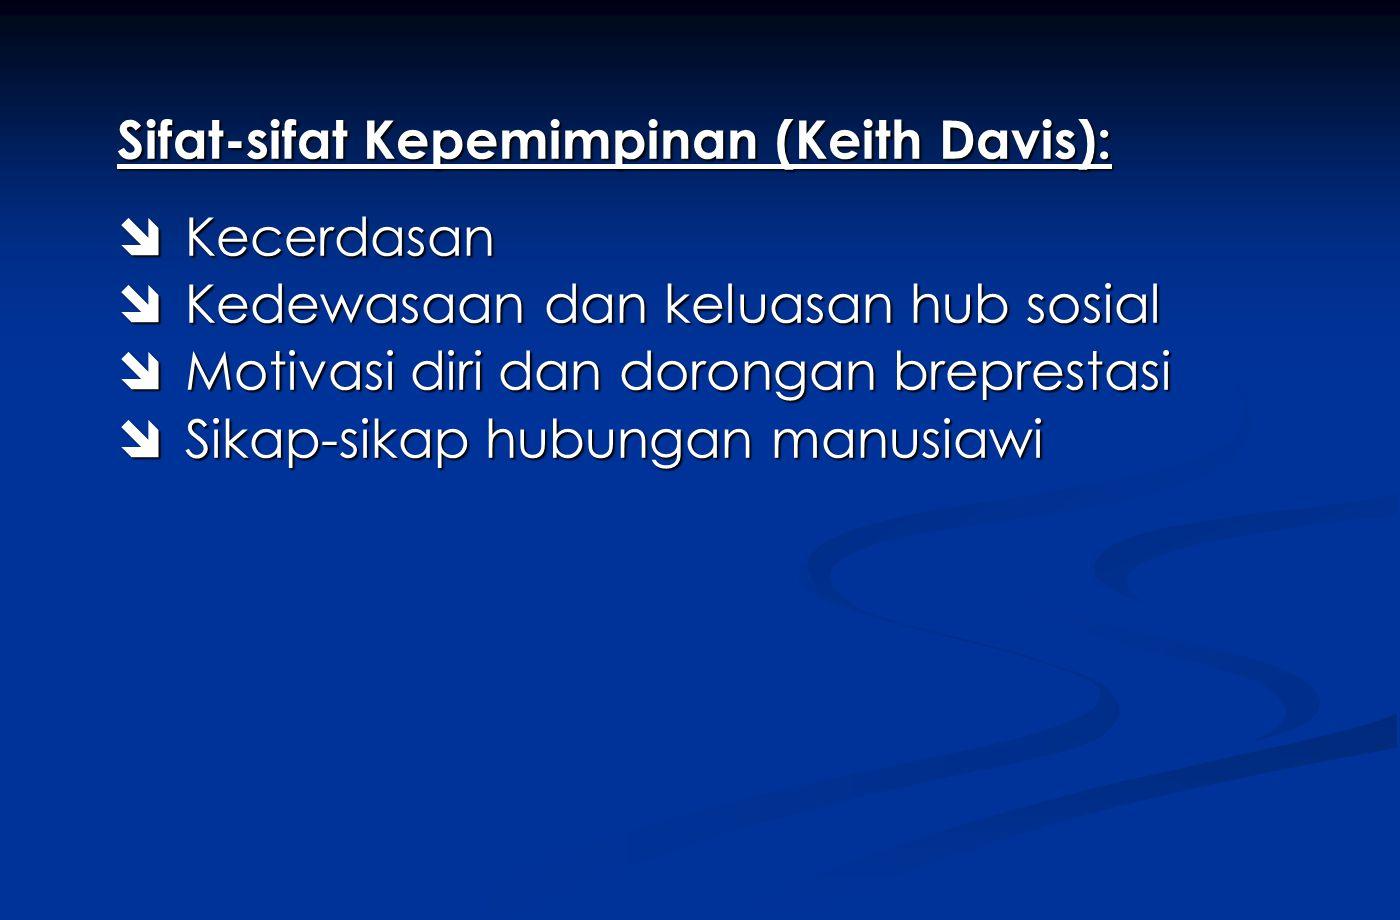 Sifat-sifat Kepemimpinan (Keith Davis):